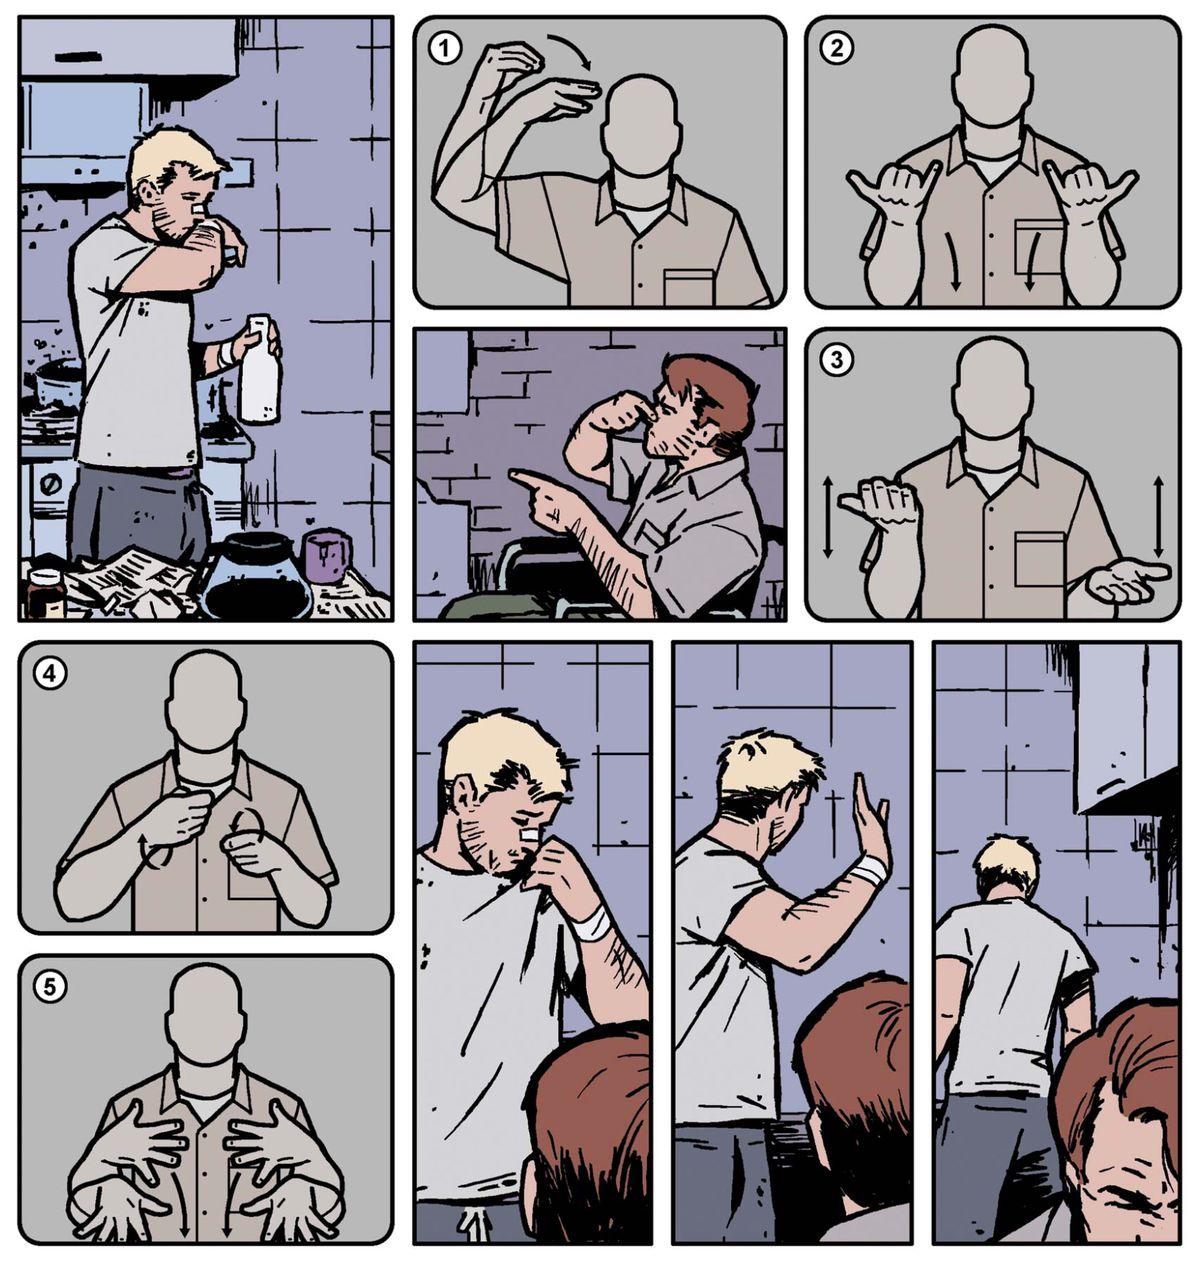 Hawkeye signe avec son frère, Barney, en langue des signes américaine dans Hawkeye # 19, Marvel Comics (2014).